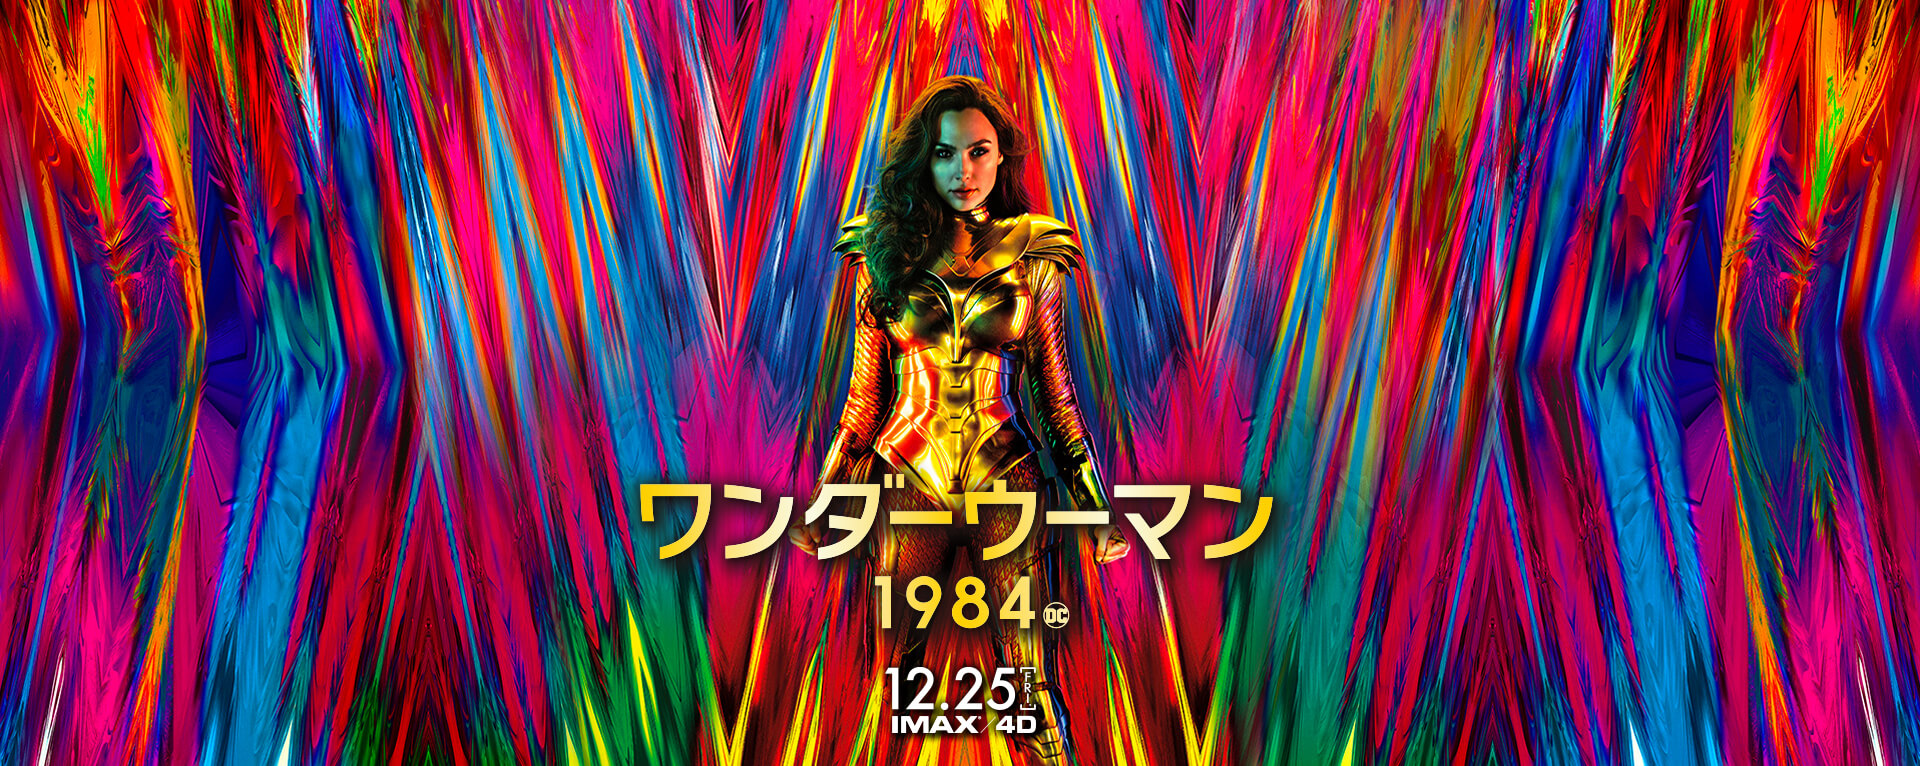 映画『ワンダーウーマン 1984』 ムビチケ前売券(オンライン)購入者限定キャンペーン